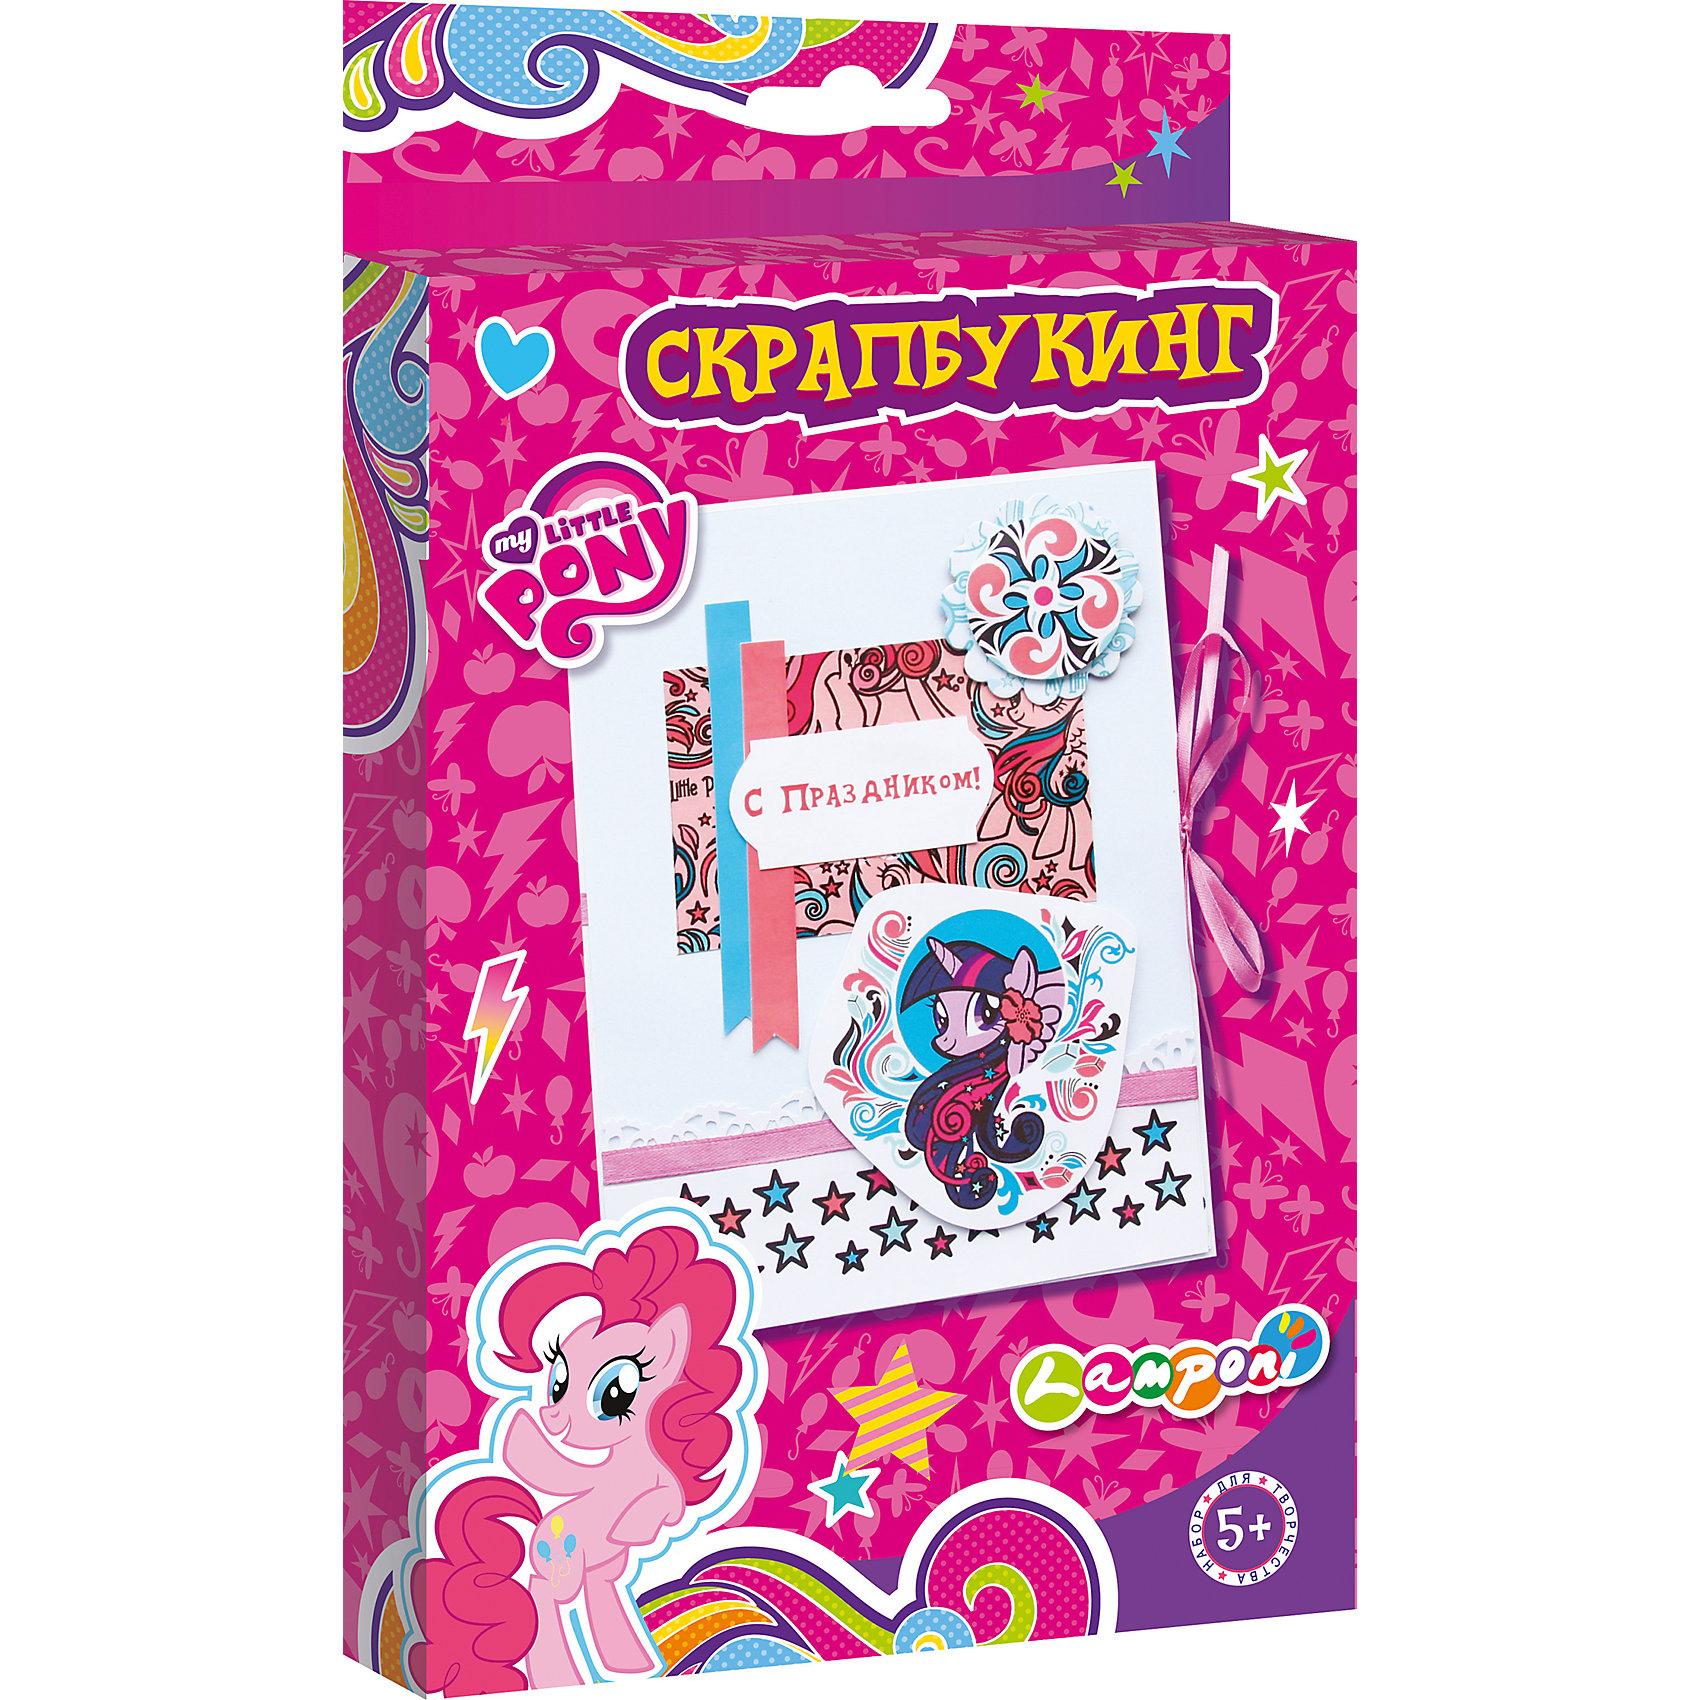 Набор для детского творчества Скрапбукинг, My Little PonyMy little Pony<br>Набор для детского творчества Скрапбукинг, My Little Pony, Академия Групп<br><br>Характеристики:<br><br>• содержит всё необходимое<br>• подходит для первого знакомства со скрапбукингом<br>• герой: My Little Pony<br>• в комплекте: основа из картона, декоративные элементы, атласные ленты, клей, инструкция<br>• размер открытки: 13х17 см<br>• размер упаковки: 1,8х15х24,5 см<br>• вес: 100 грамм<br><br>Если вы хотите познакомить ребенка со скрапбукингом, то набор My Little Pony - это то, что вам нужно. В набор входит всё необходимое для создания первой открытки. Ребенок сможет украсить картонную основу декоративными элементами и атласными лентами, закрепив их клеем. Скрапбукинг хорошо развивает мелкую моторику, внимательность и усидчивость. Готовая открытка отлично подойдет в качестве подарка близкому человеку!<br><br>Набор для детского творчества Скрапбукинг, My Little Pony, Академия Групп вы можете купить в нашем интернет-магазине.<br><br>Ширина мм: 245<br>Глубина мм: 150<br>Высота мм: 18<br>Вес г: 100<br>Возраст от месяцев: 60<br>Возраст до месяцев: 84<br>Пол: Женский<br>Возраст: Детский<br>SKU: 5218449